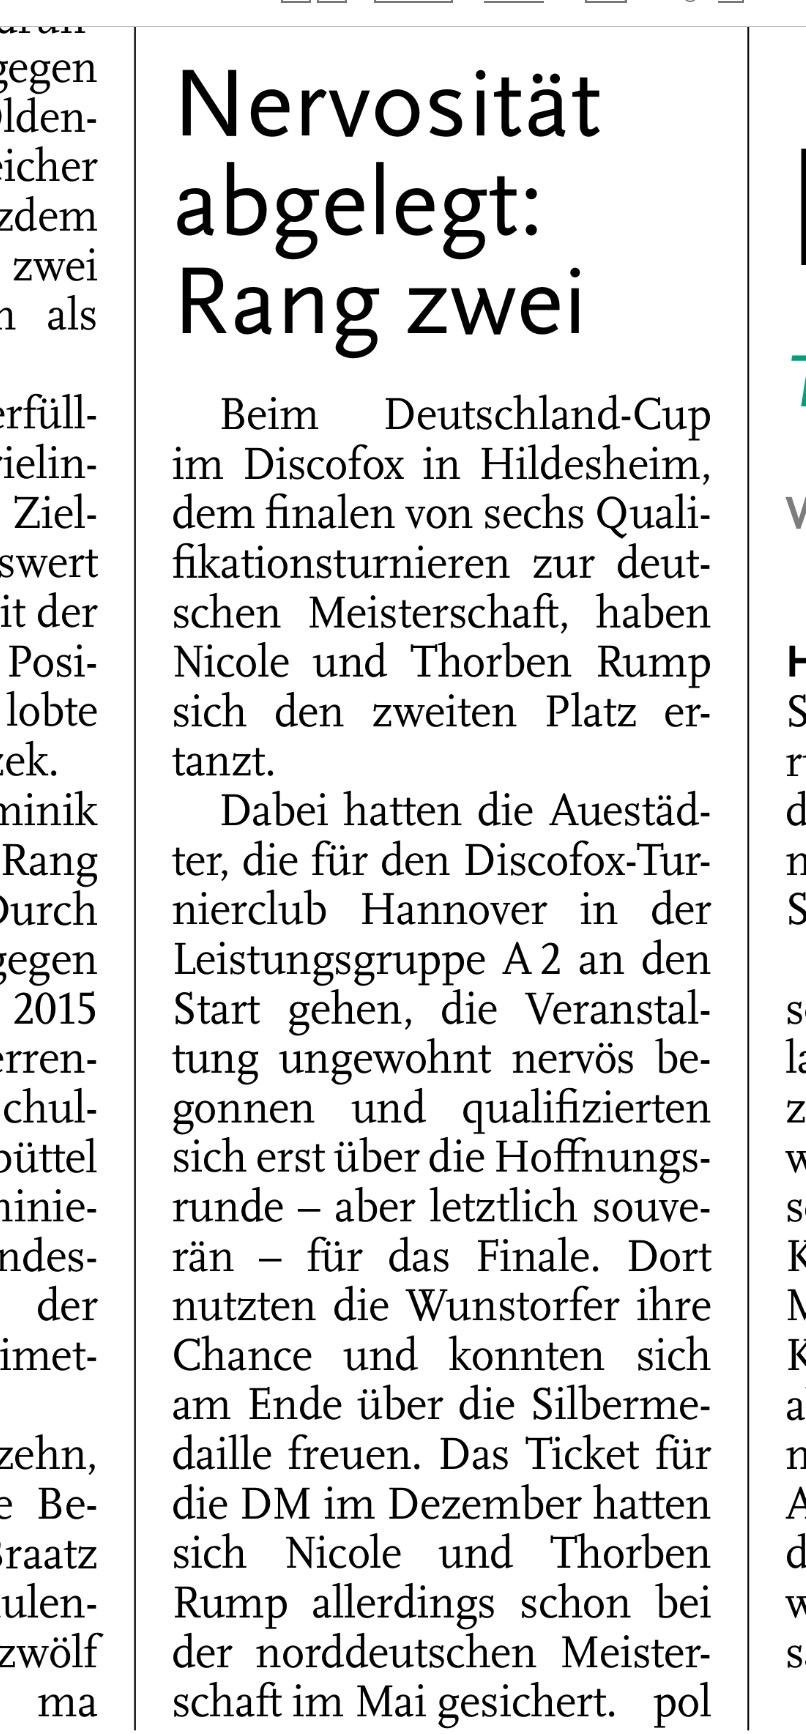 DeutschlandCup 2015